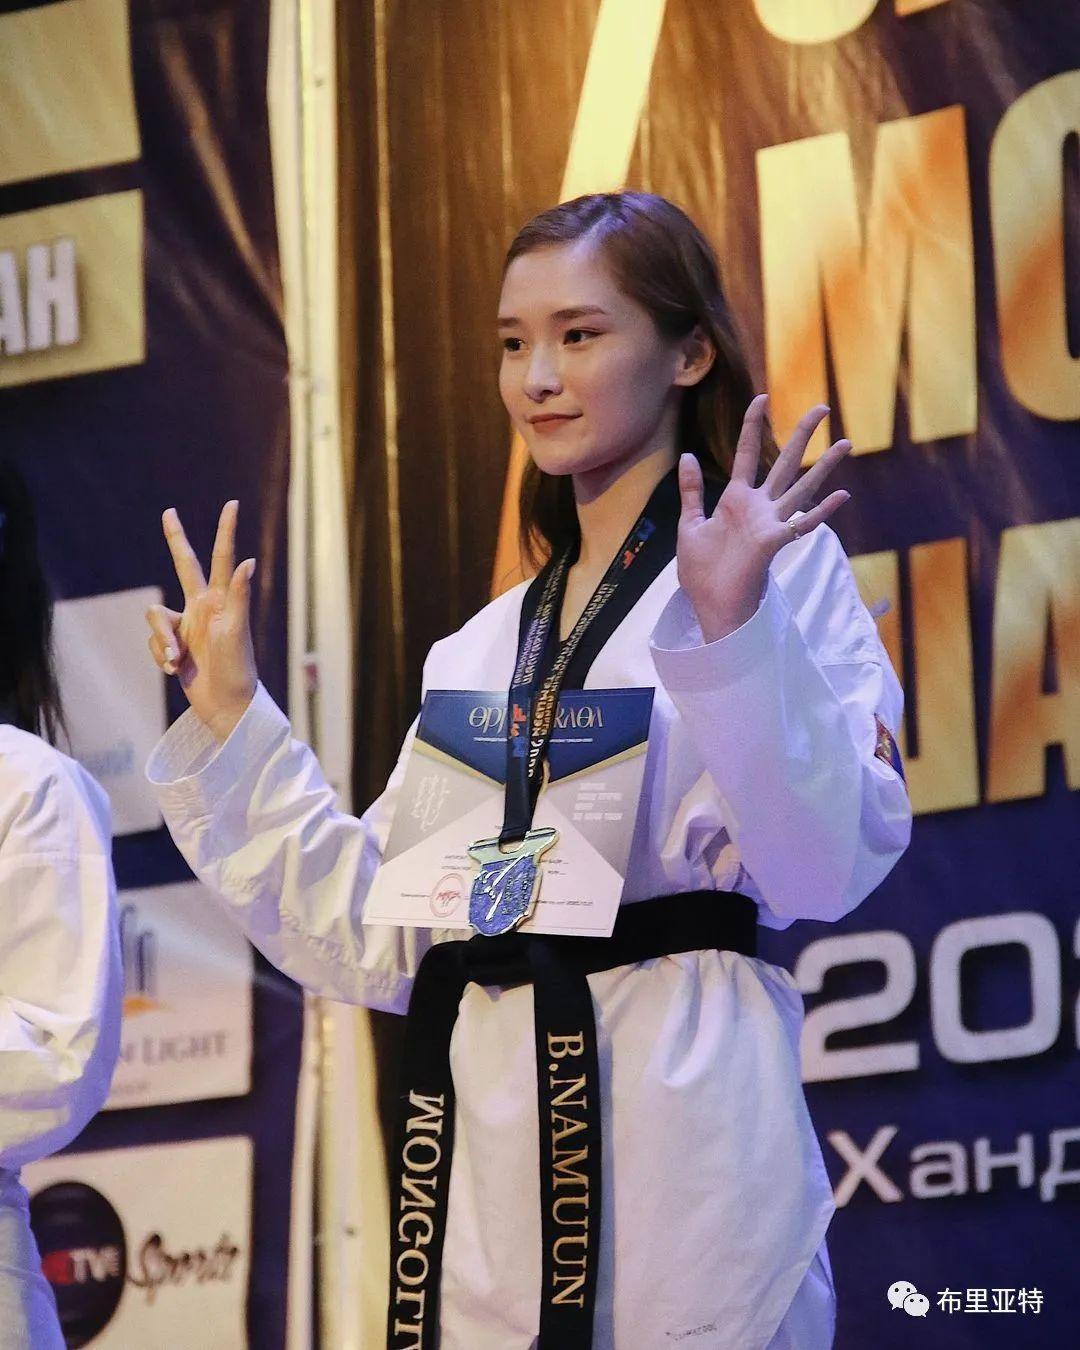 高颜值,好身材,欣赏蒙古跆拳道女神 第16张